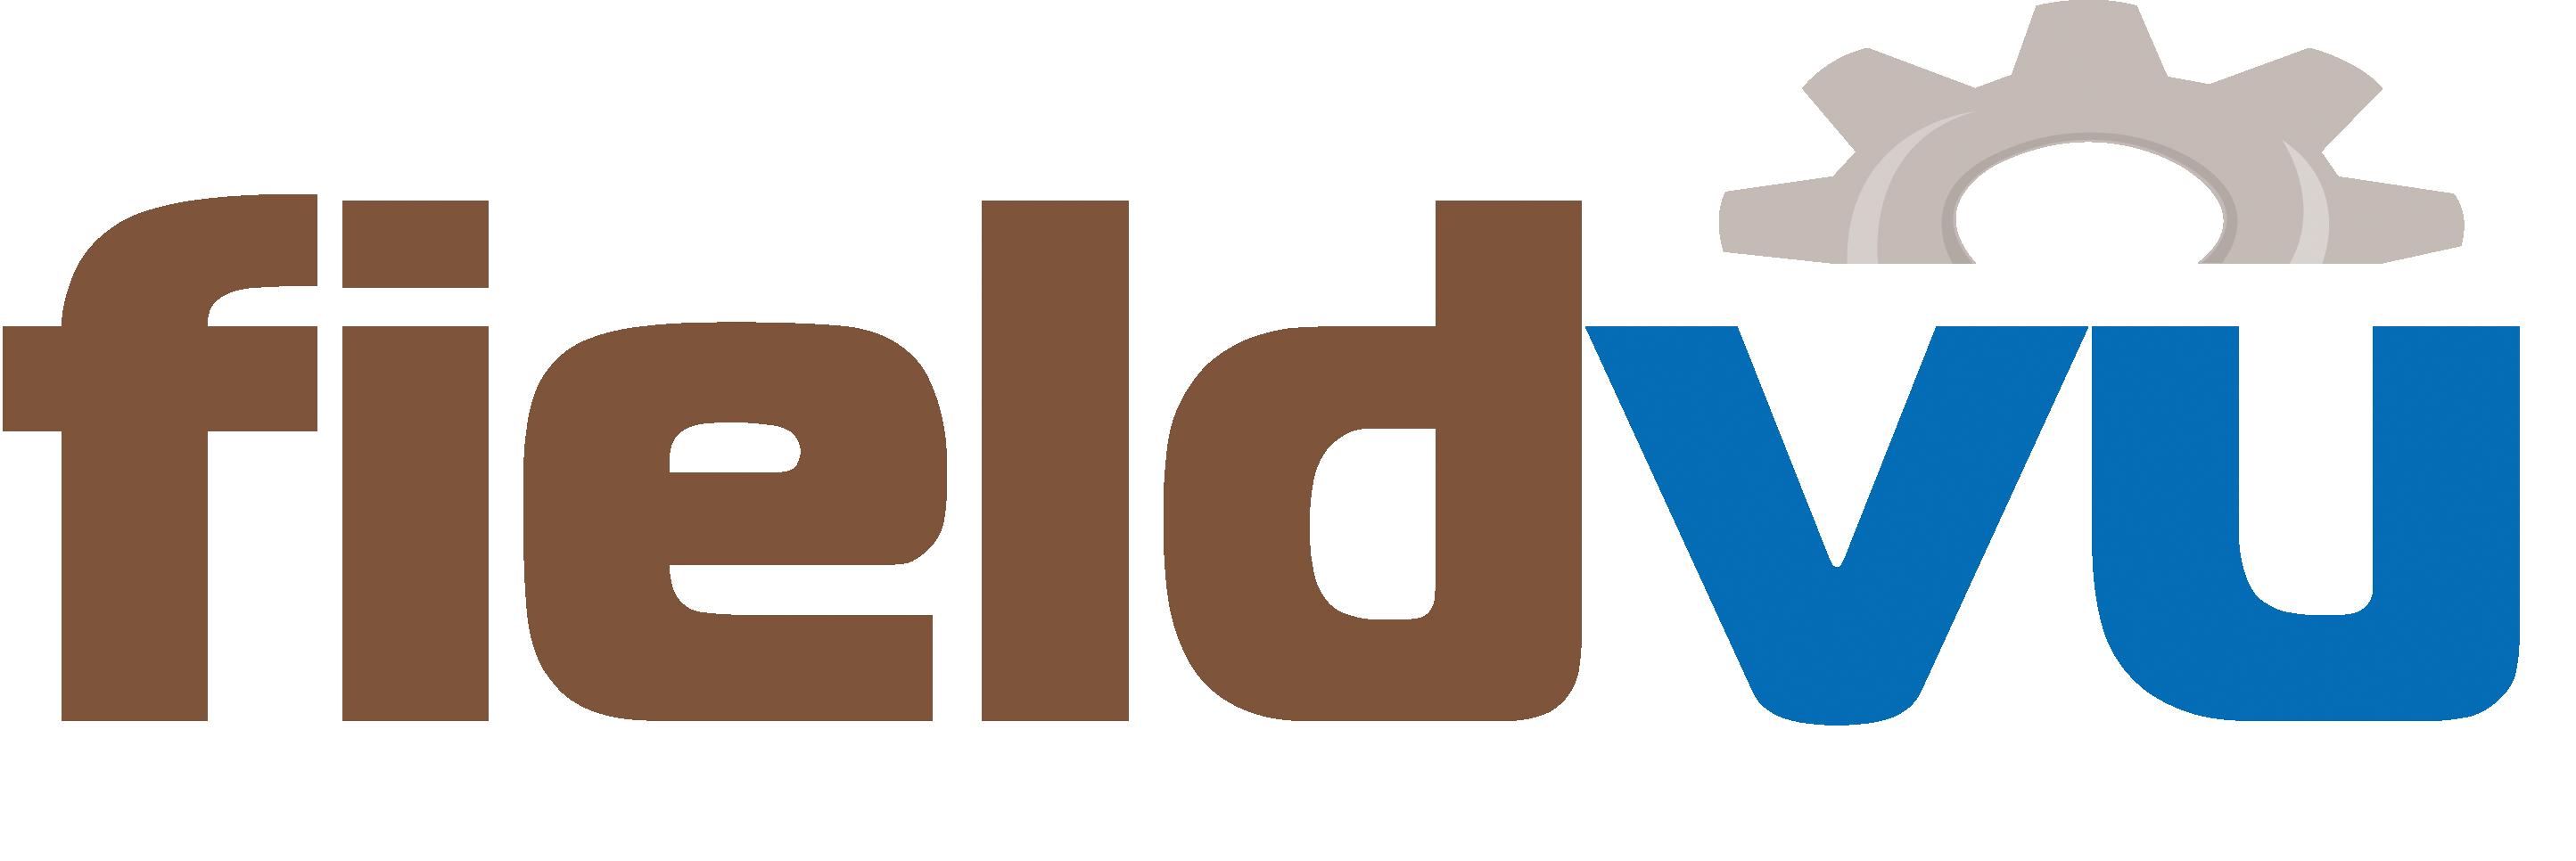 FieldVuLogo